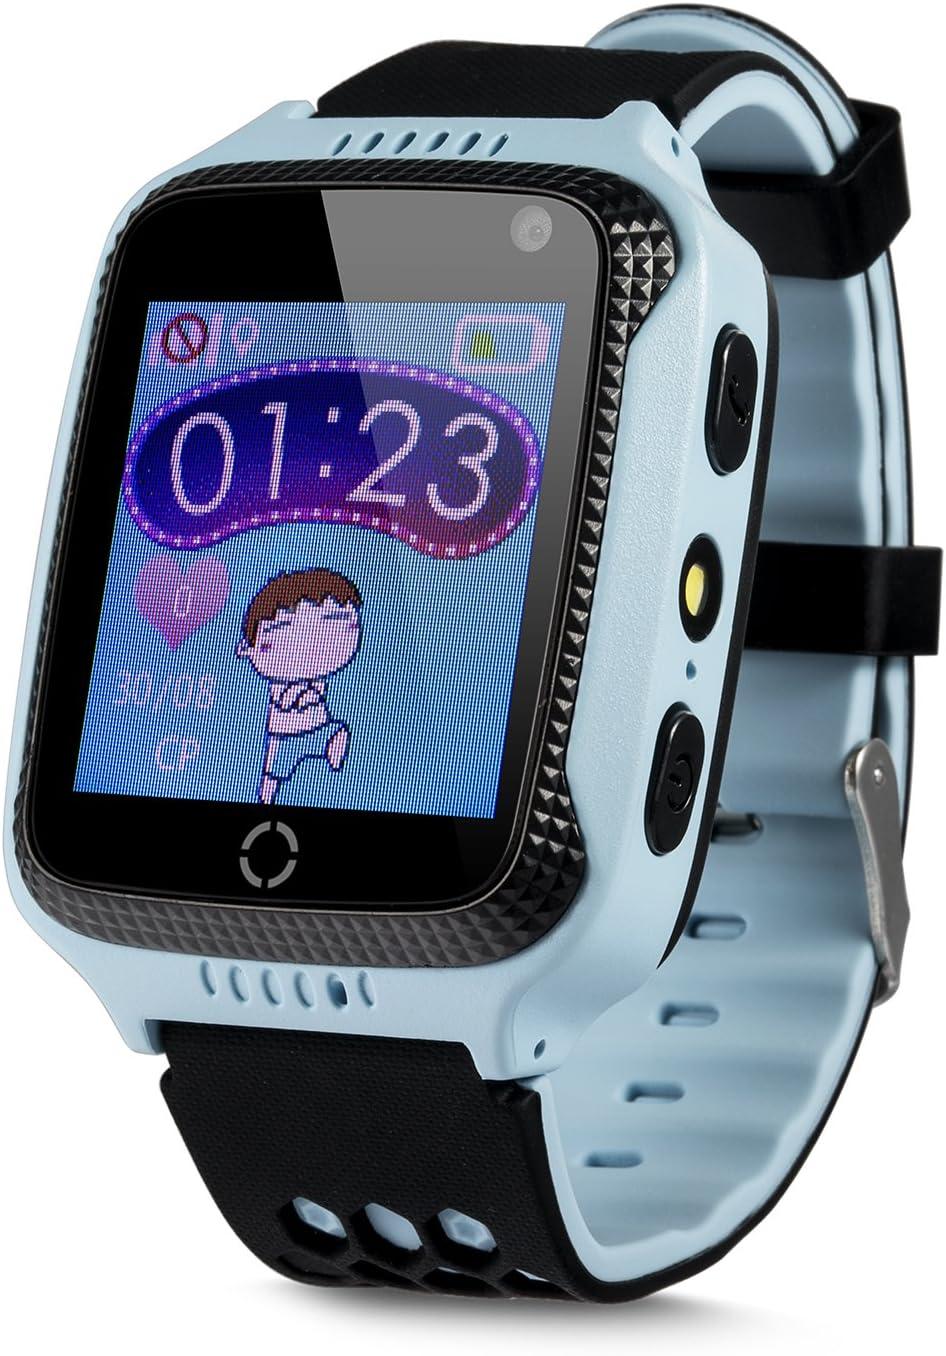 JBC GPS Uhr Kinder Telefon GPS Schulmodus SOS Notruf Smartwatch Kinder Kinderuhr GPS ohne Abh/örfunktion//mit sicherem Deutschen Server Deutsch SOS Notruf+Telefonfunktion//Anleitung+Uhr+App+Support